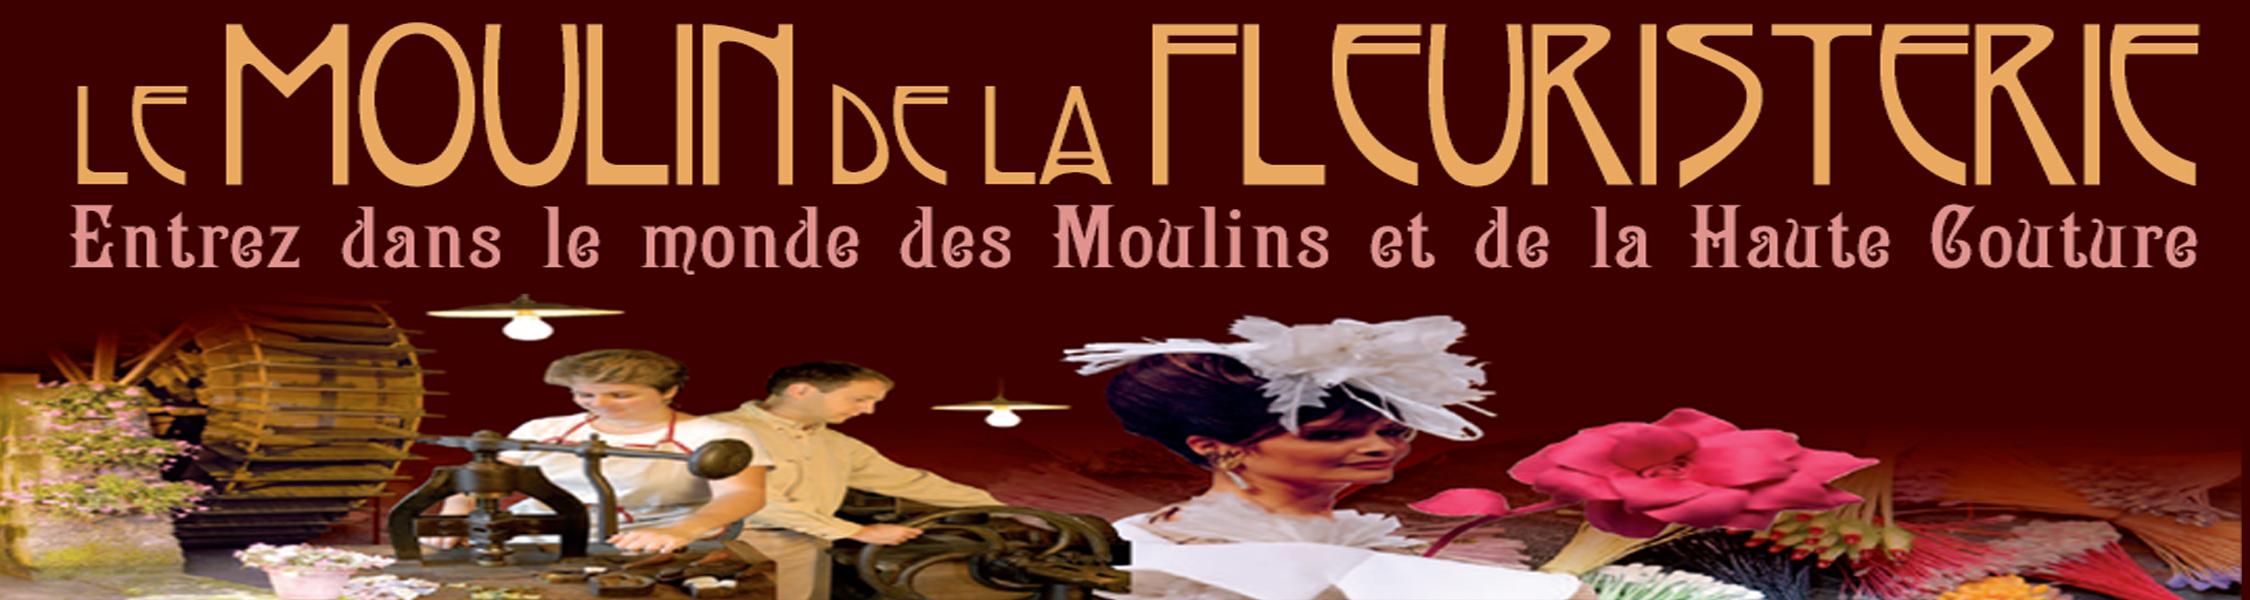 Moulin de la Fleuristerie - Entrez dans le monde des moulins et de la Haute-Couture